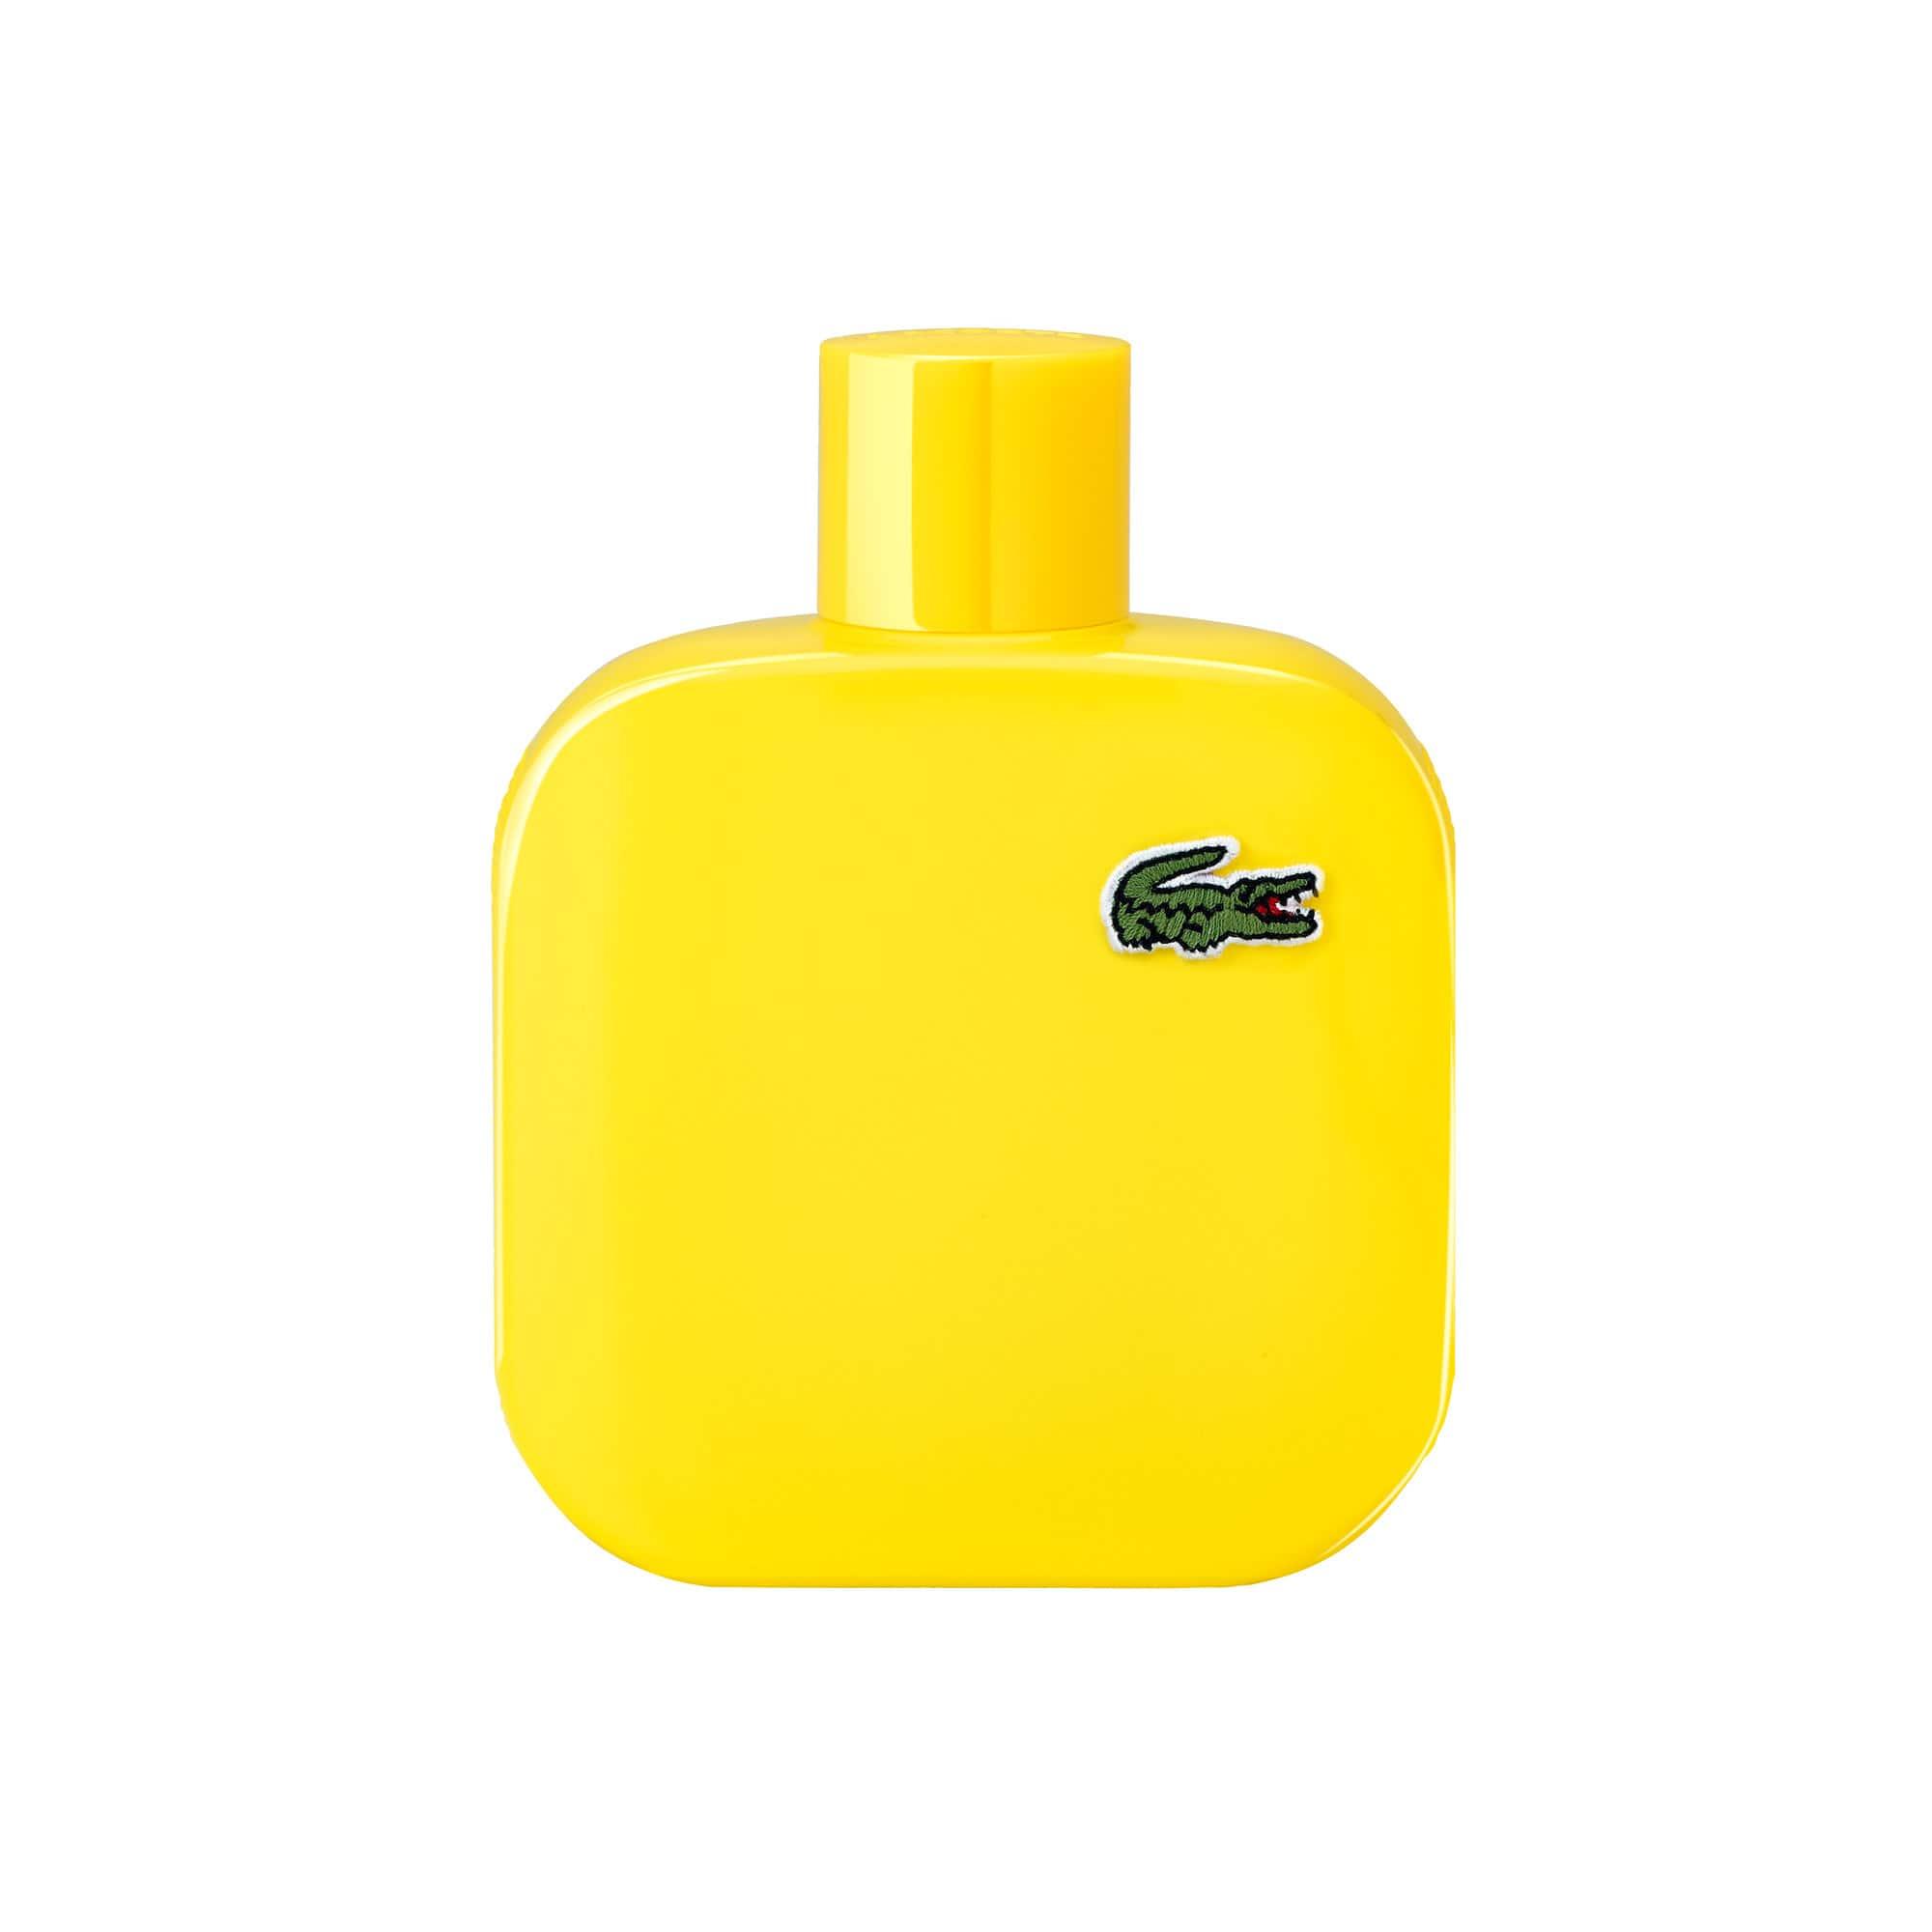 Eau de Lacoste L.12.12 Jaune Perfume 100 ml